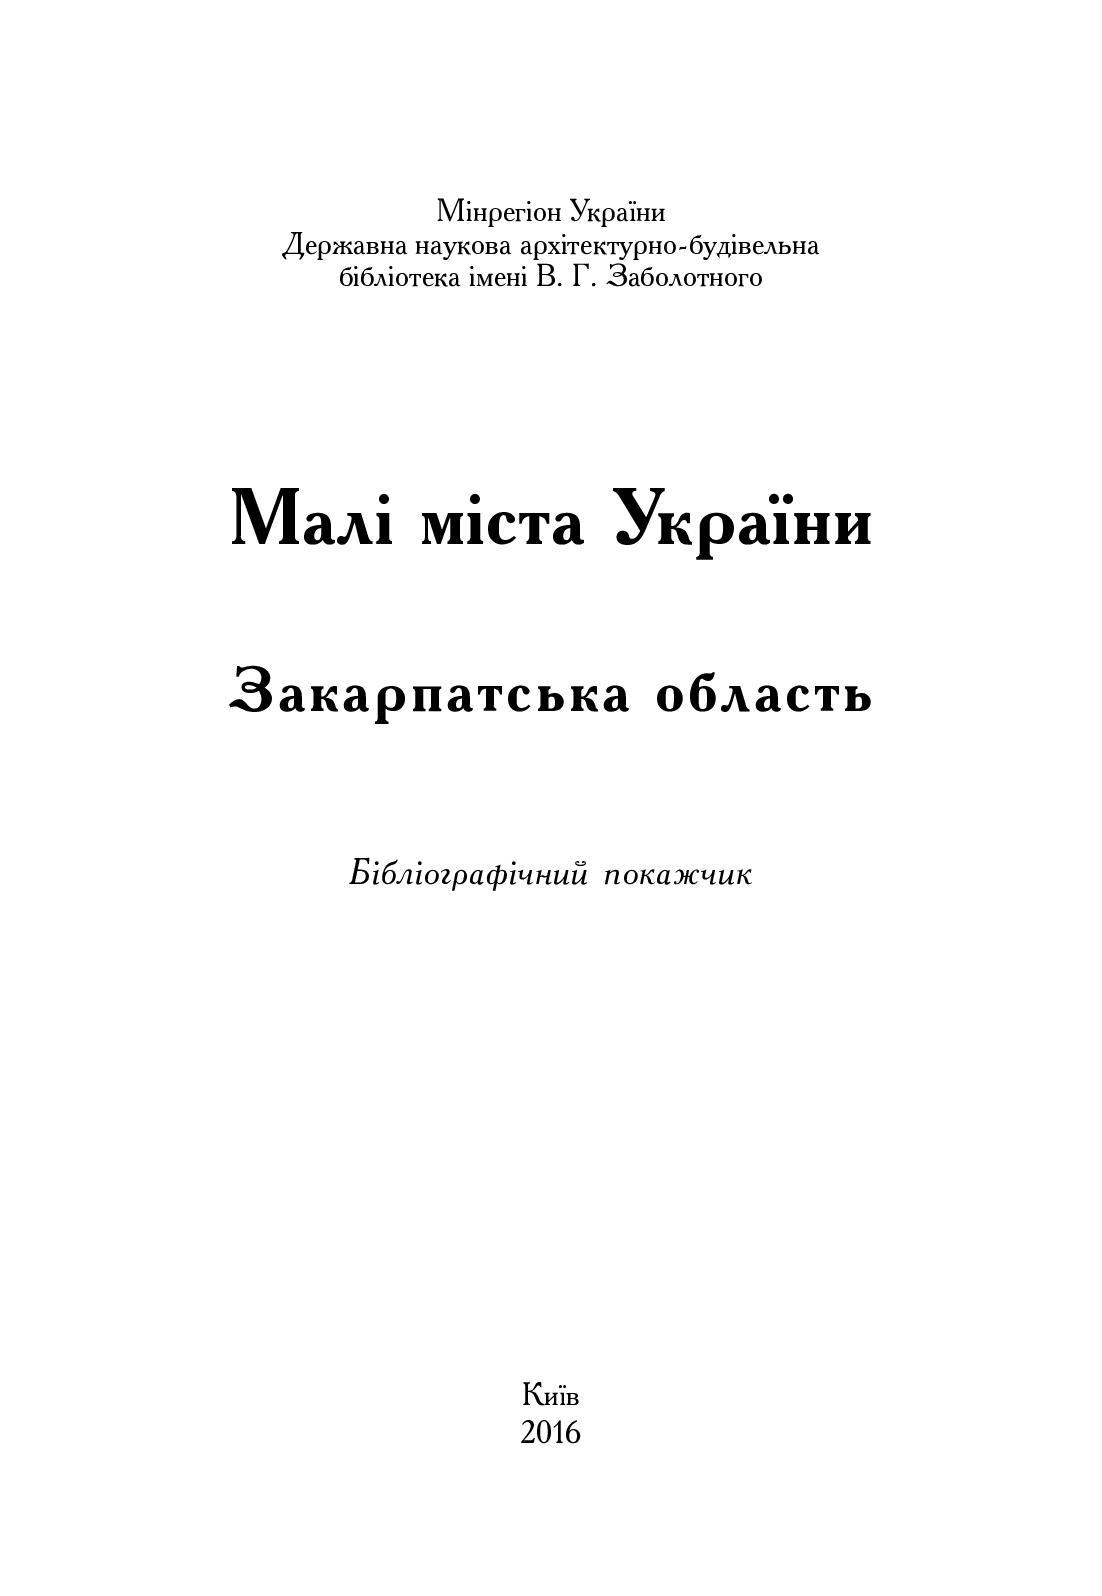 Закарпатська область 20 01 2017